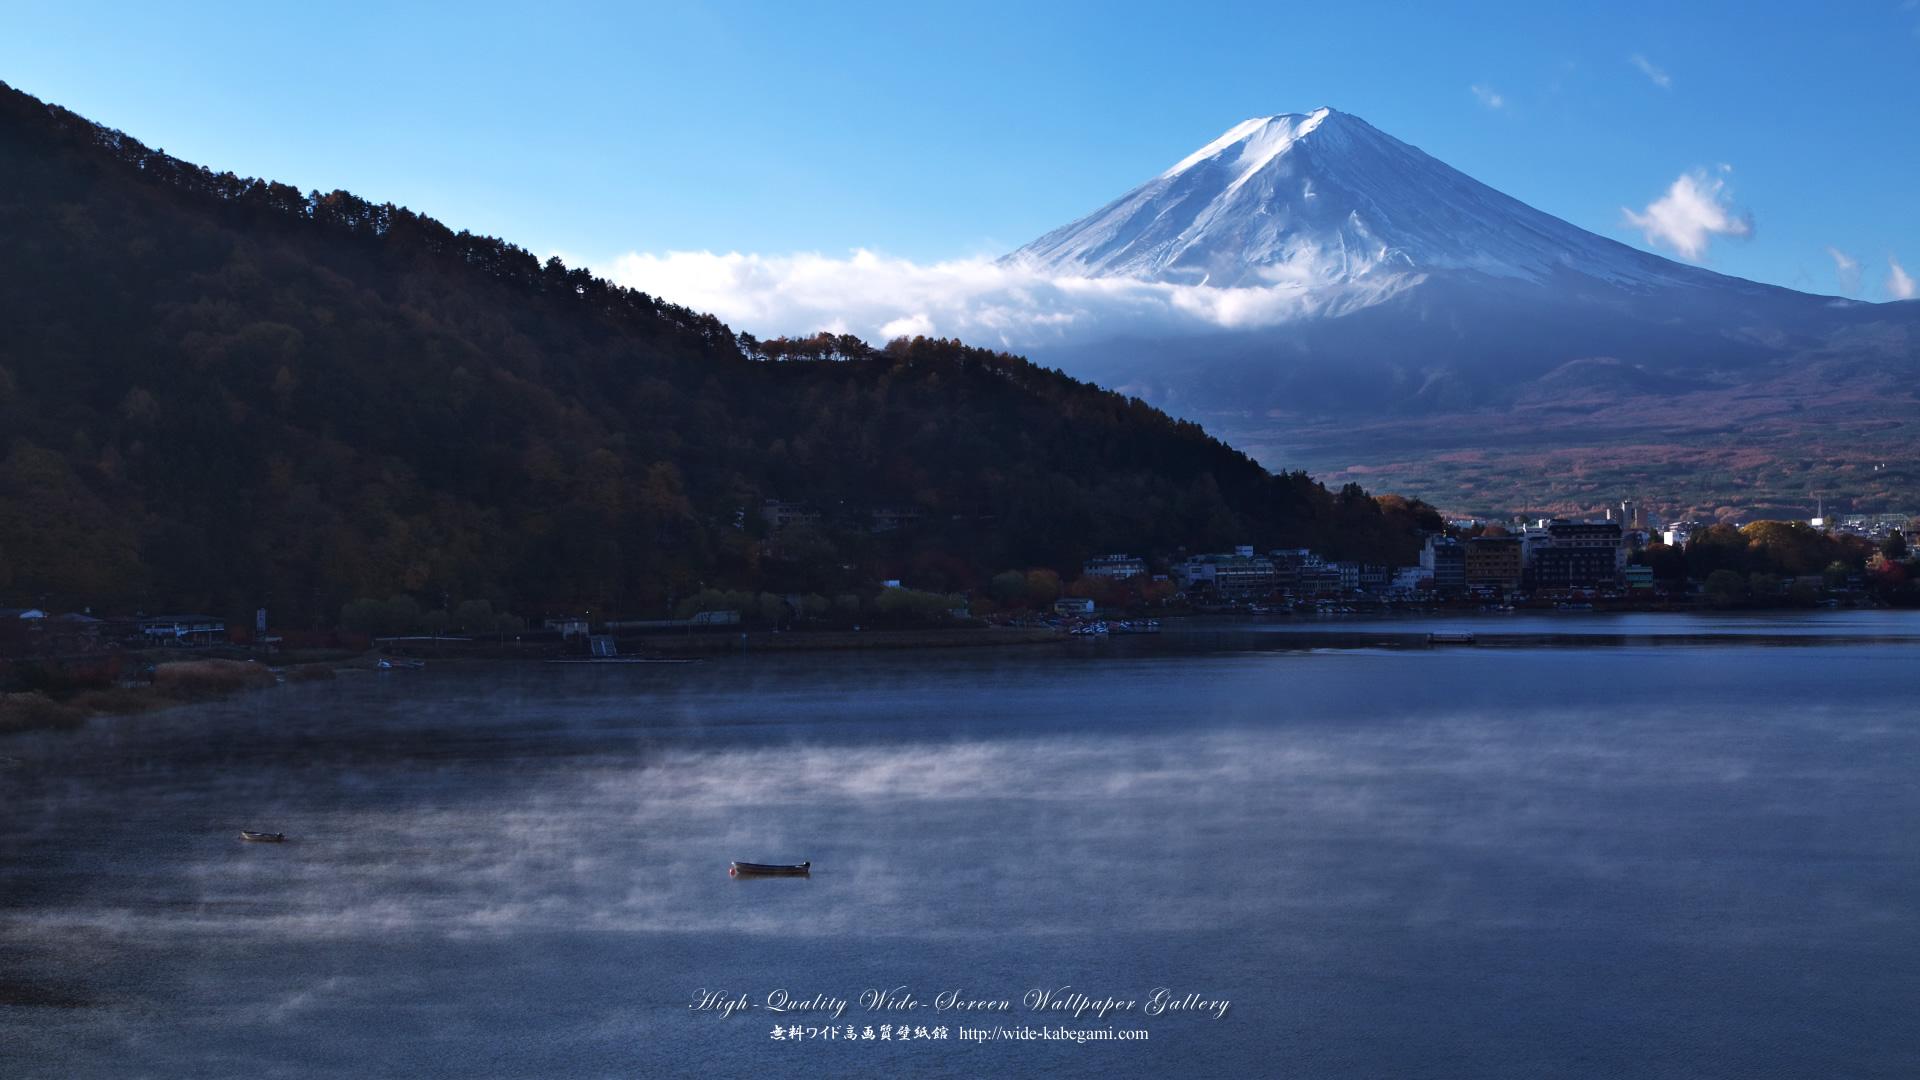 富士山のワイド壁紙 1920x1080 富士山と河口湖 無料ワイド高画質壁紙館